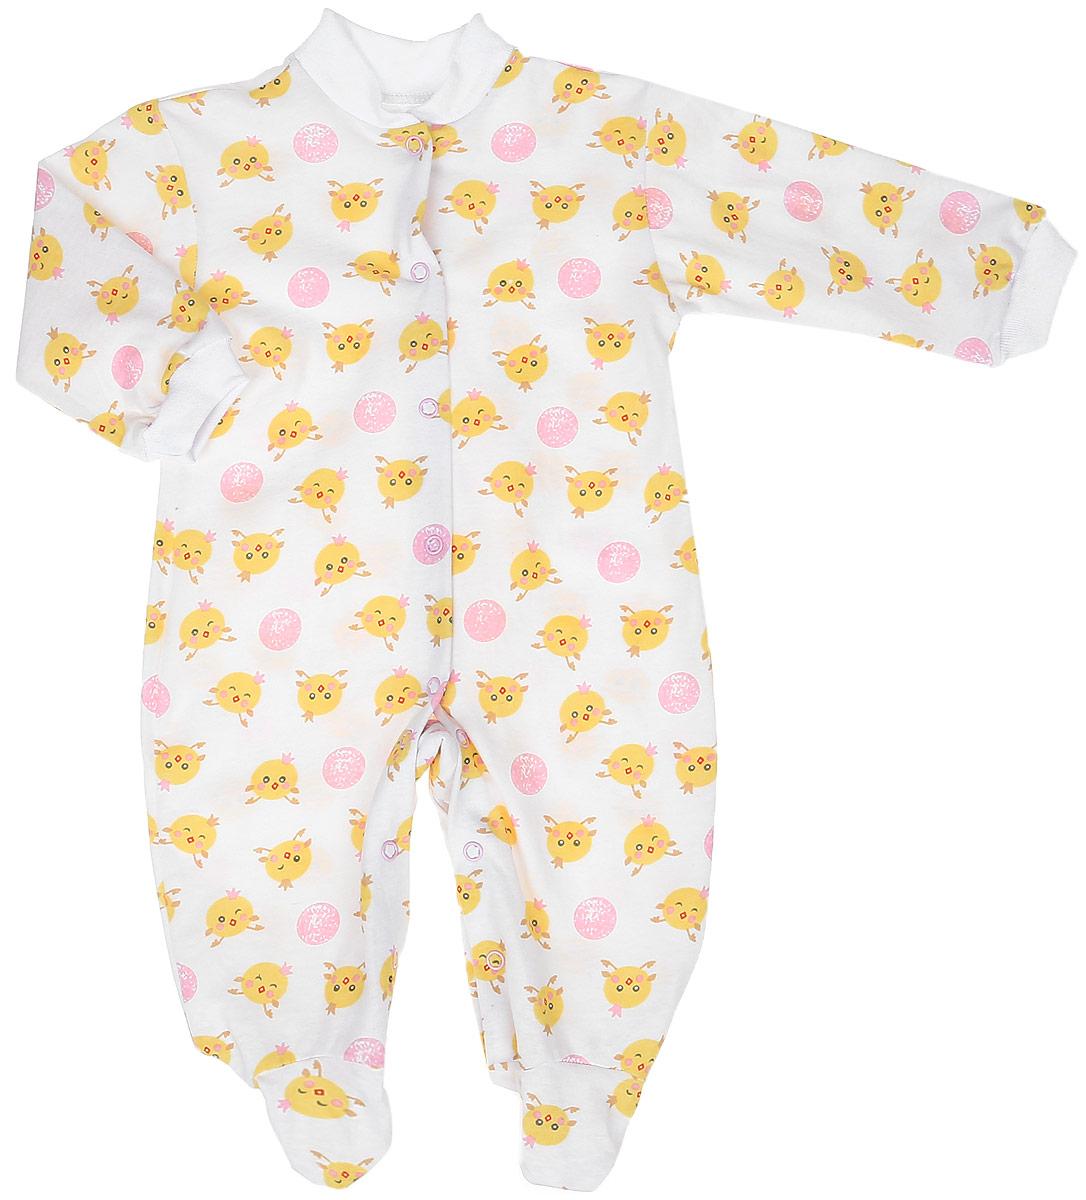 Комбинезон детский Чудесные одежки, цвет: белый, розовый. 5801. Размер 805801Удобный детский комбинезон Чудесные одежки выполнен из натурального хлопка.Комбинезон с небольшим воротником-стойкой, длинными рукавами и закрытыми ножками имеет застежки-кнопки спереди и на ластовице, которые помогают легко переодеть младенца или сменить подгузник. Воротничок и манжеты на рукавах выполнены из трикотажной эластичной резинки. Изделие оформлено принтом с изображением цыплят.